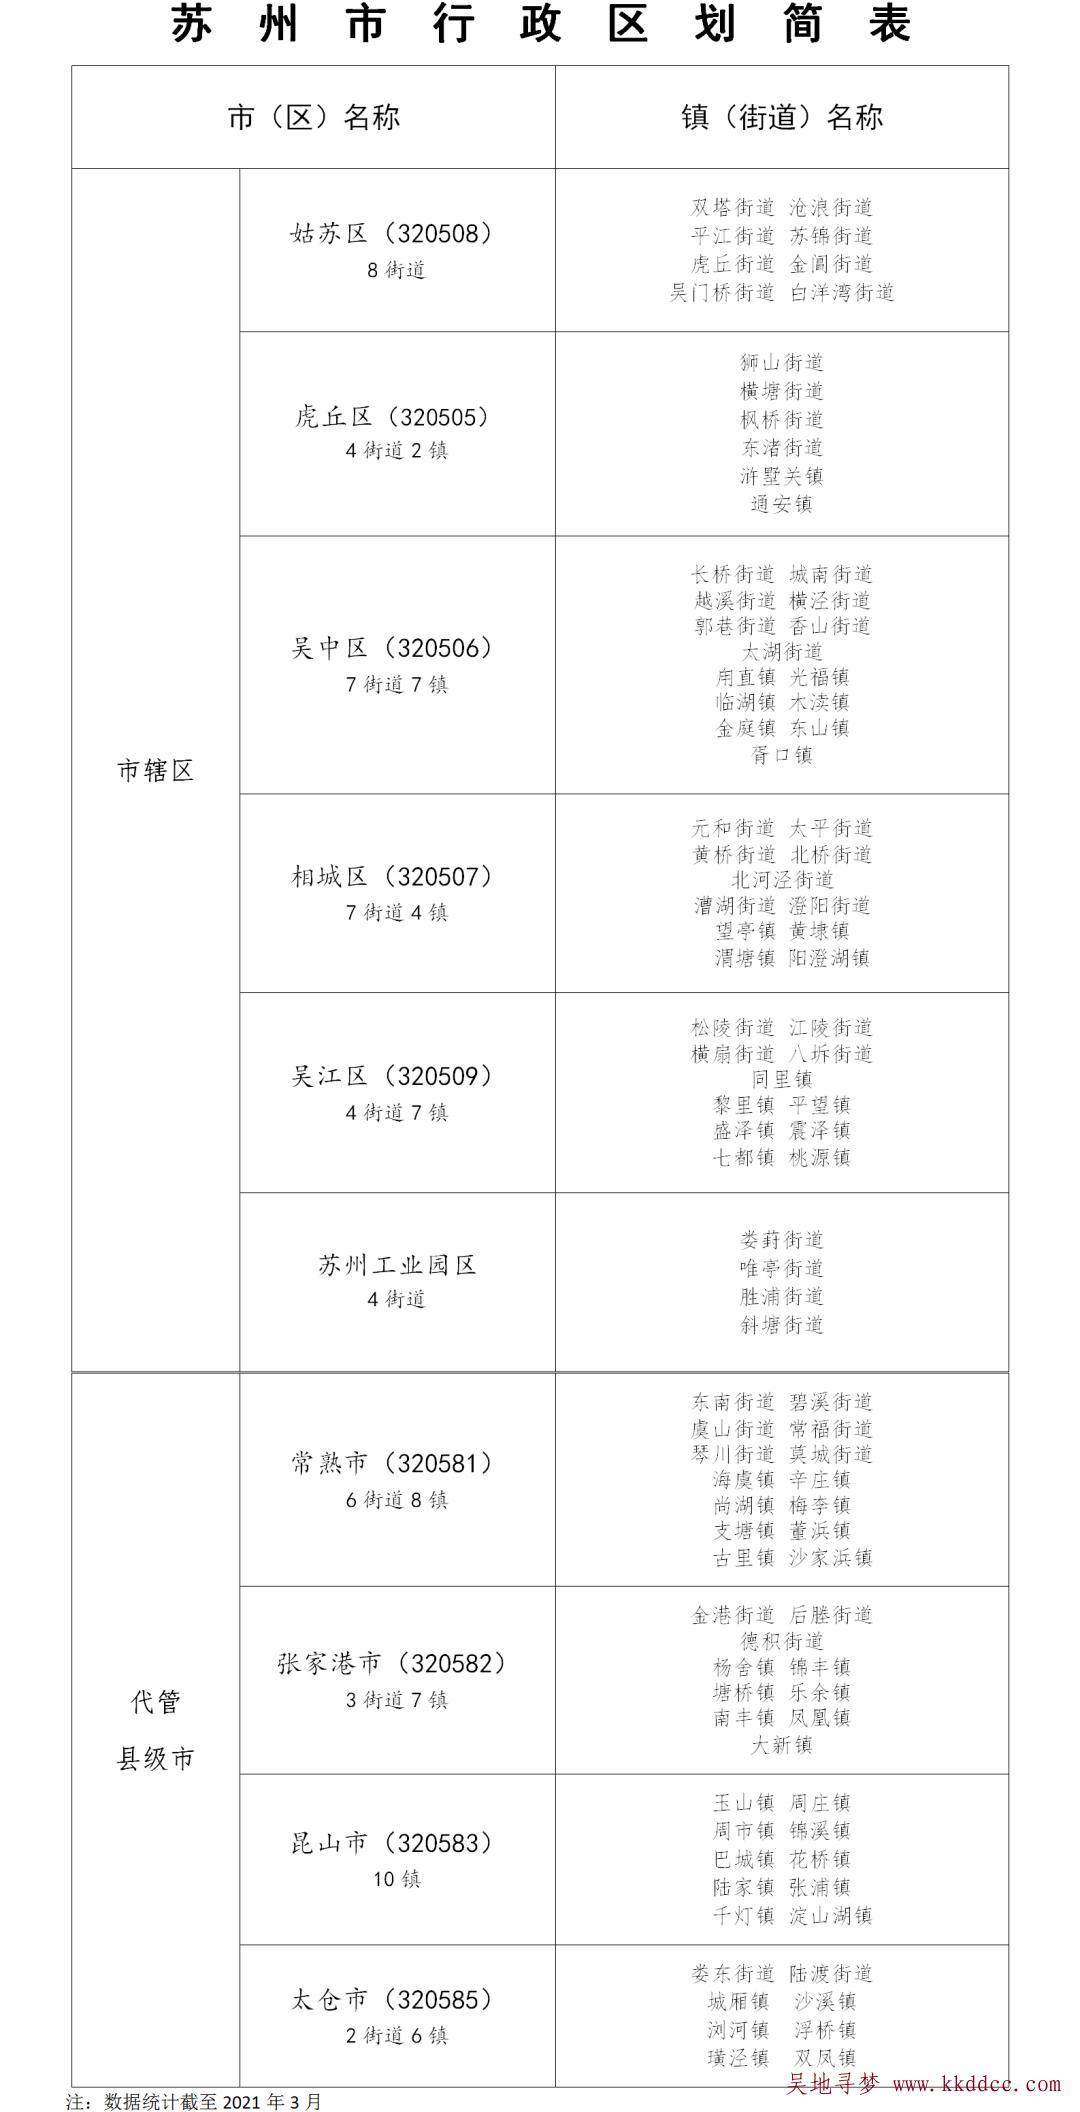 """新版苏州市行政区划简表(苏州由""""四市六区""""十个板块组成)"""